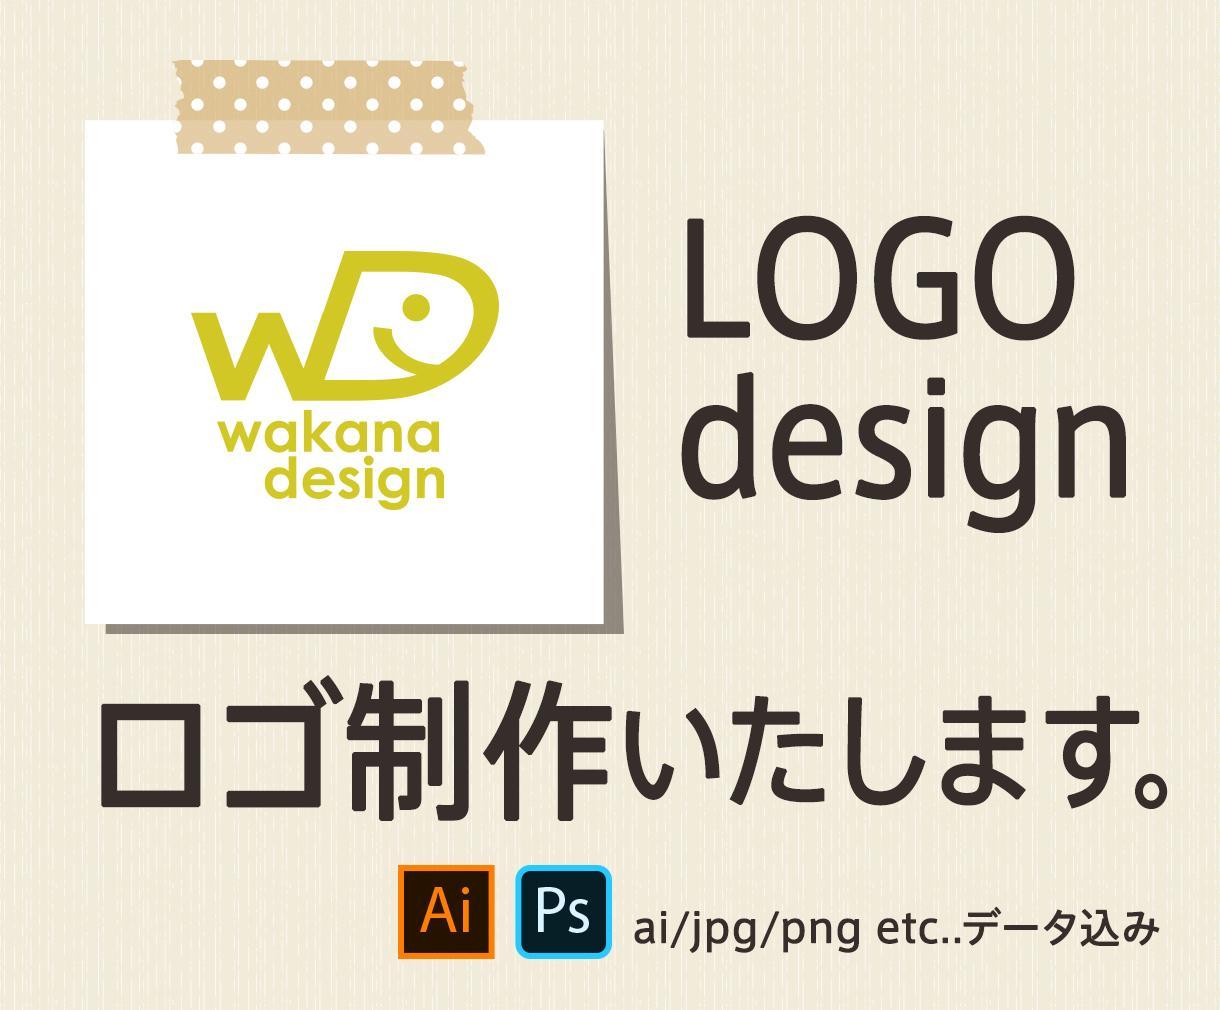 幅広くロゴを手掛けたプロがデザインします センスのいいオンリーワンのロゴをお届けします。 イメージ1